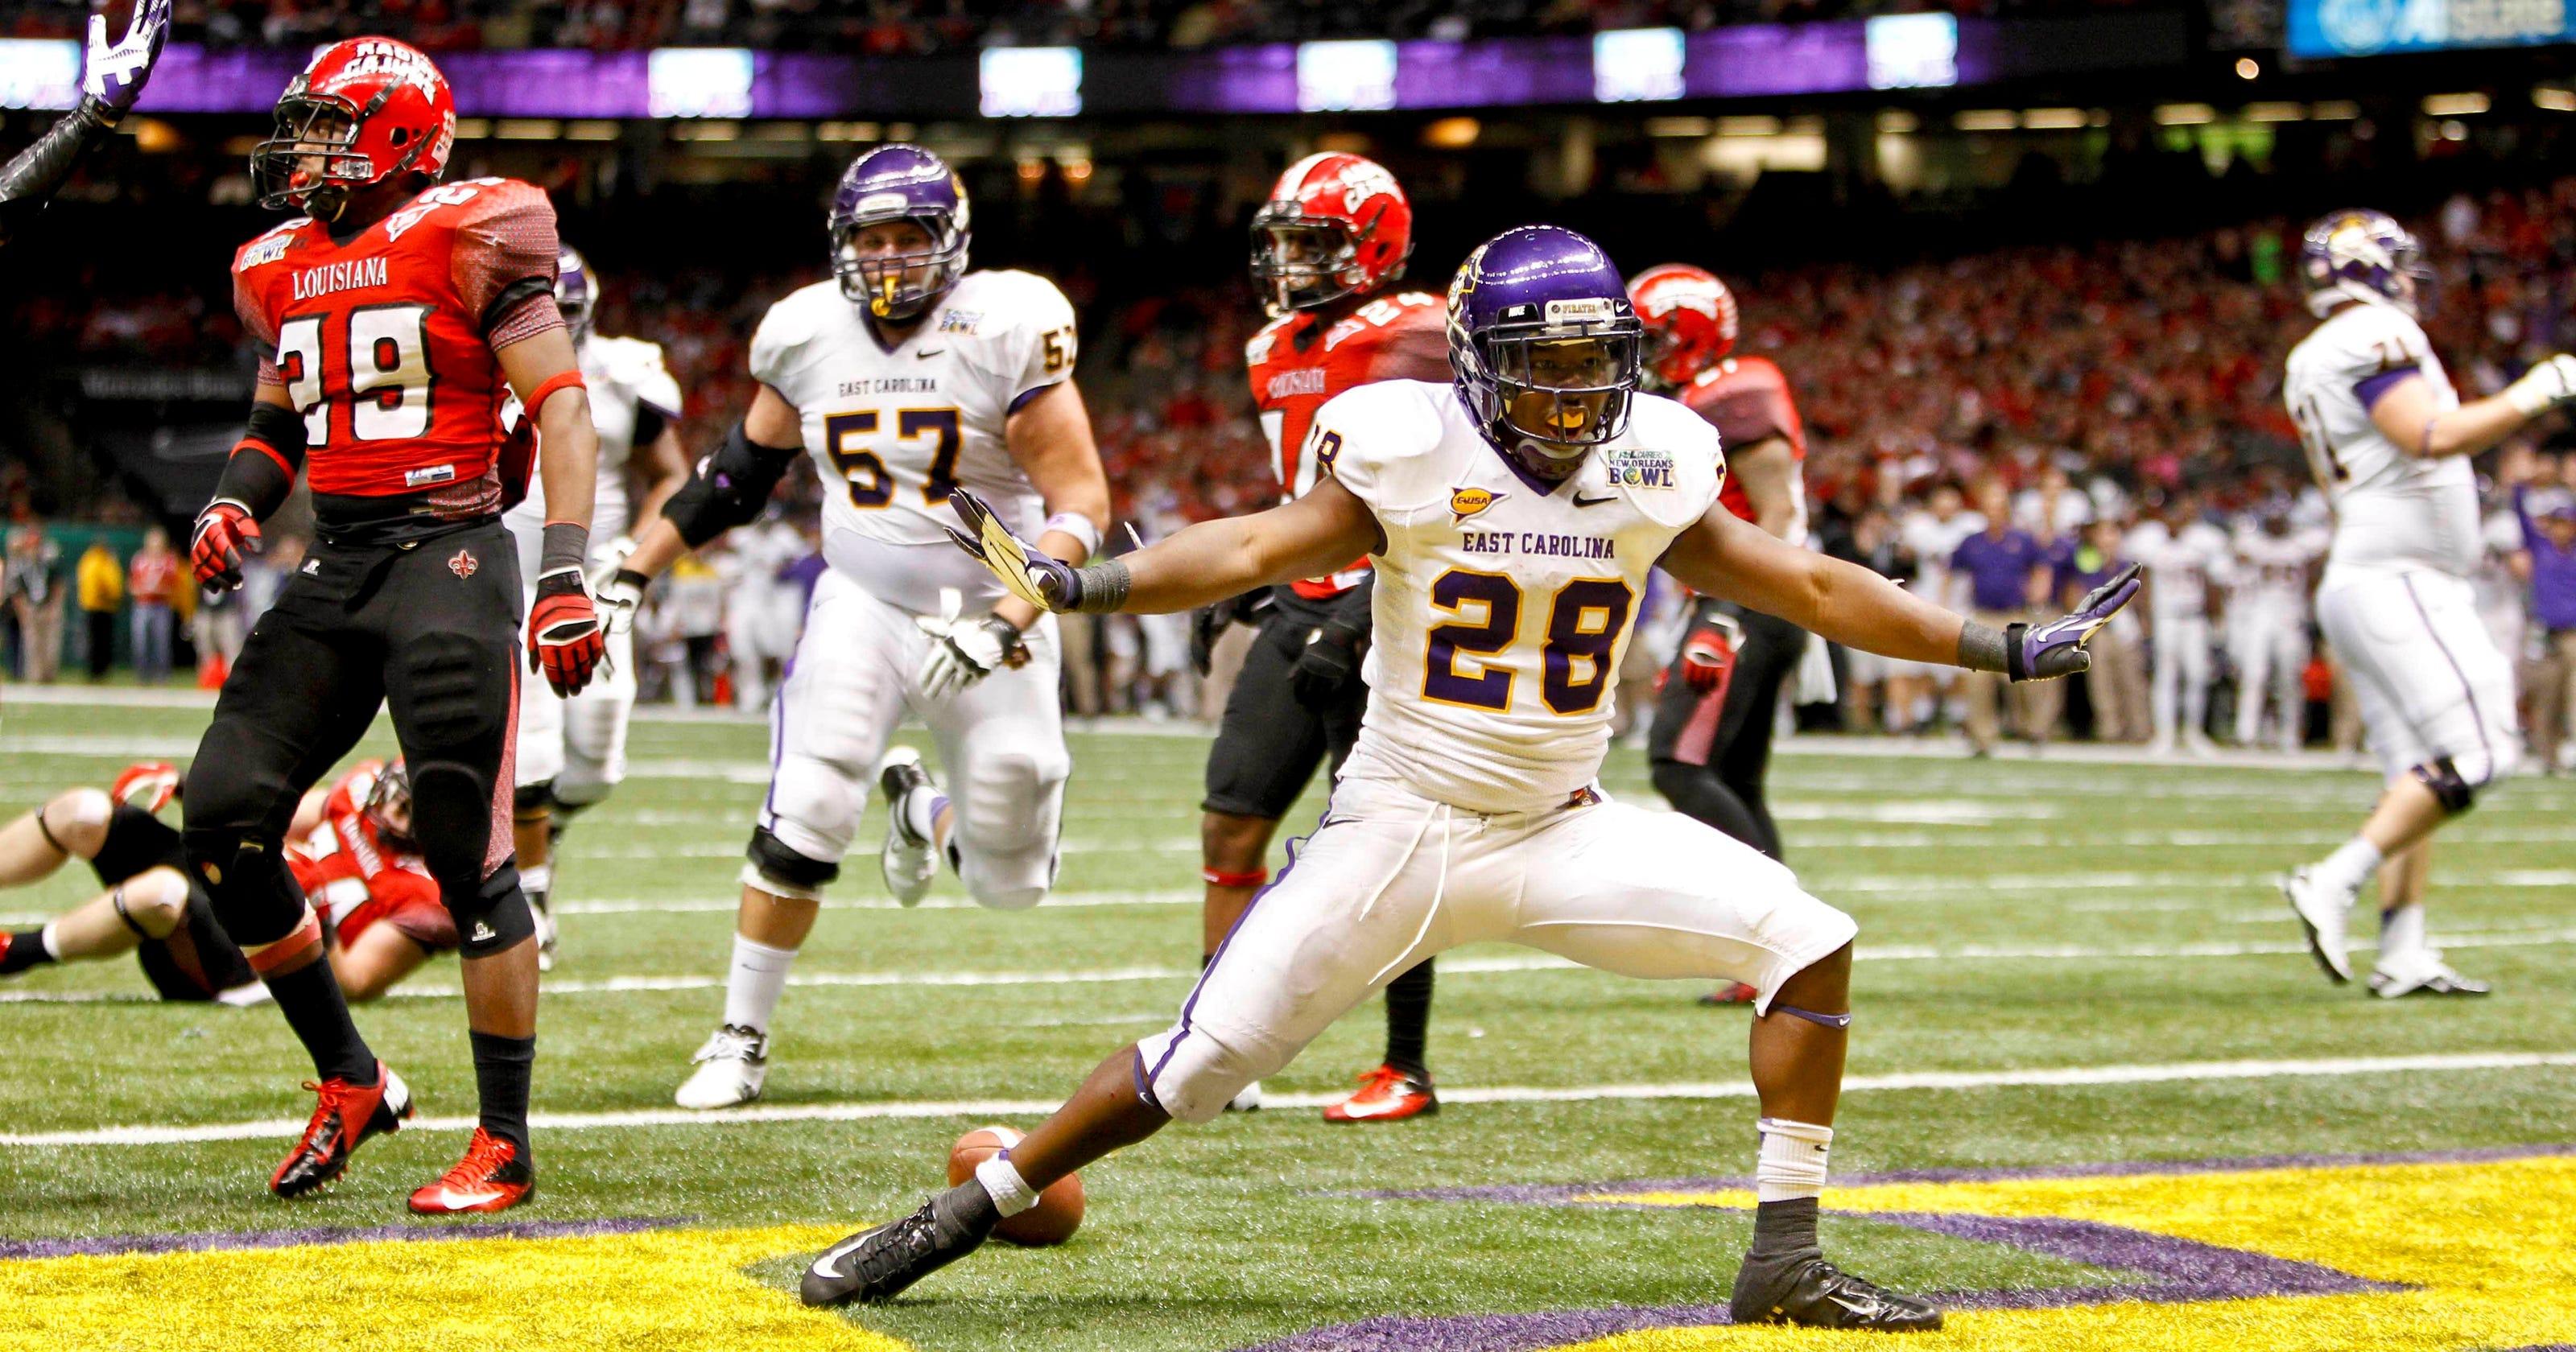 e73b1a7d 2013 College football countdown | No. 50: East Carolina